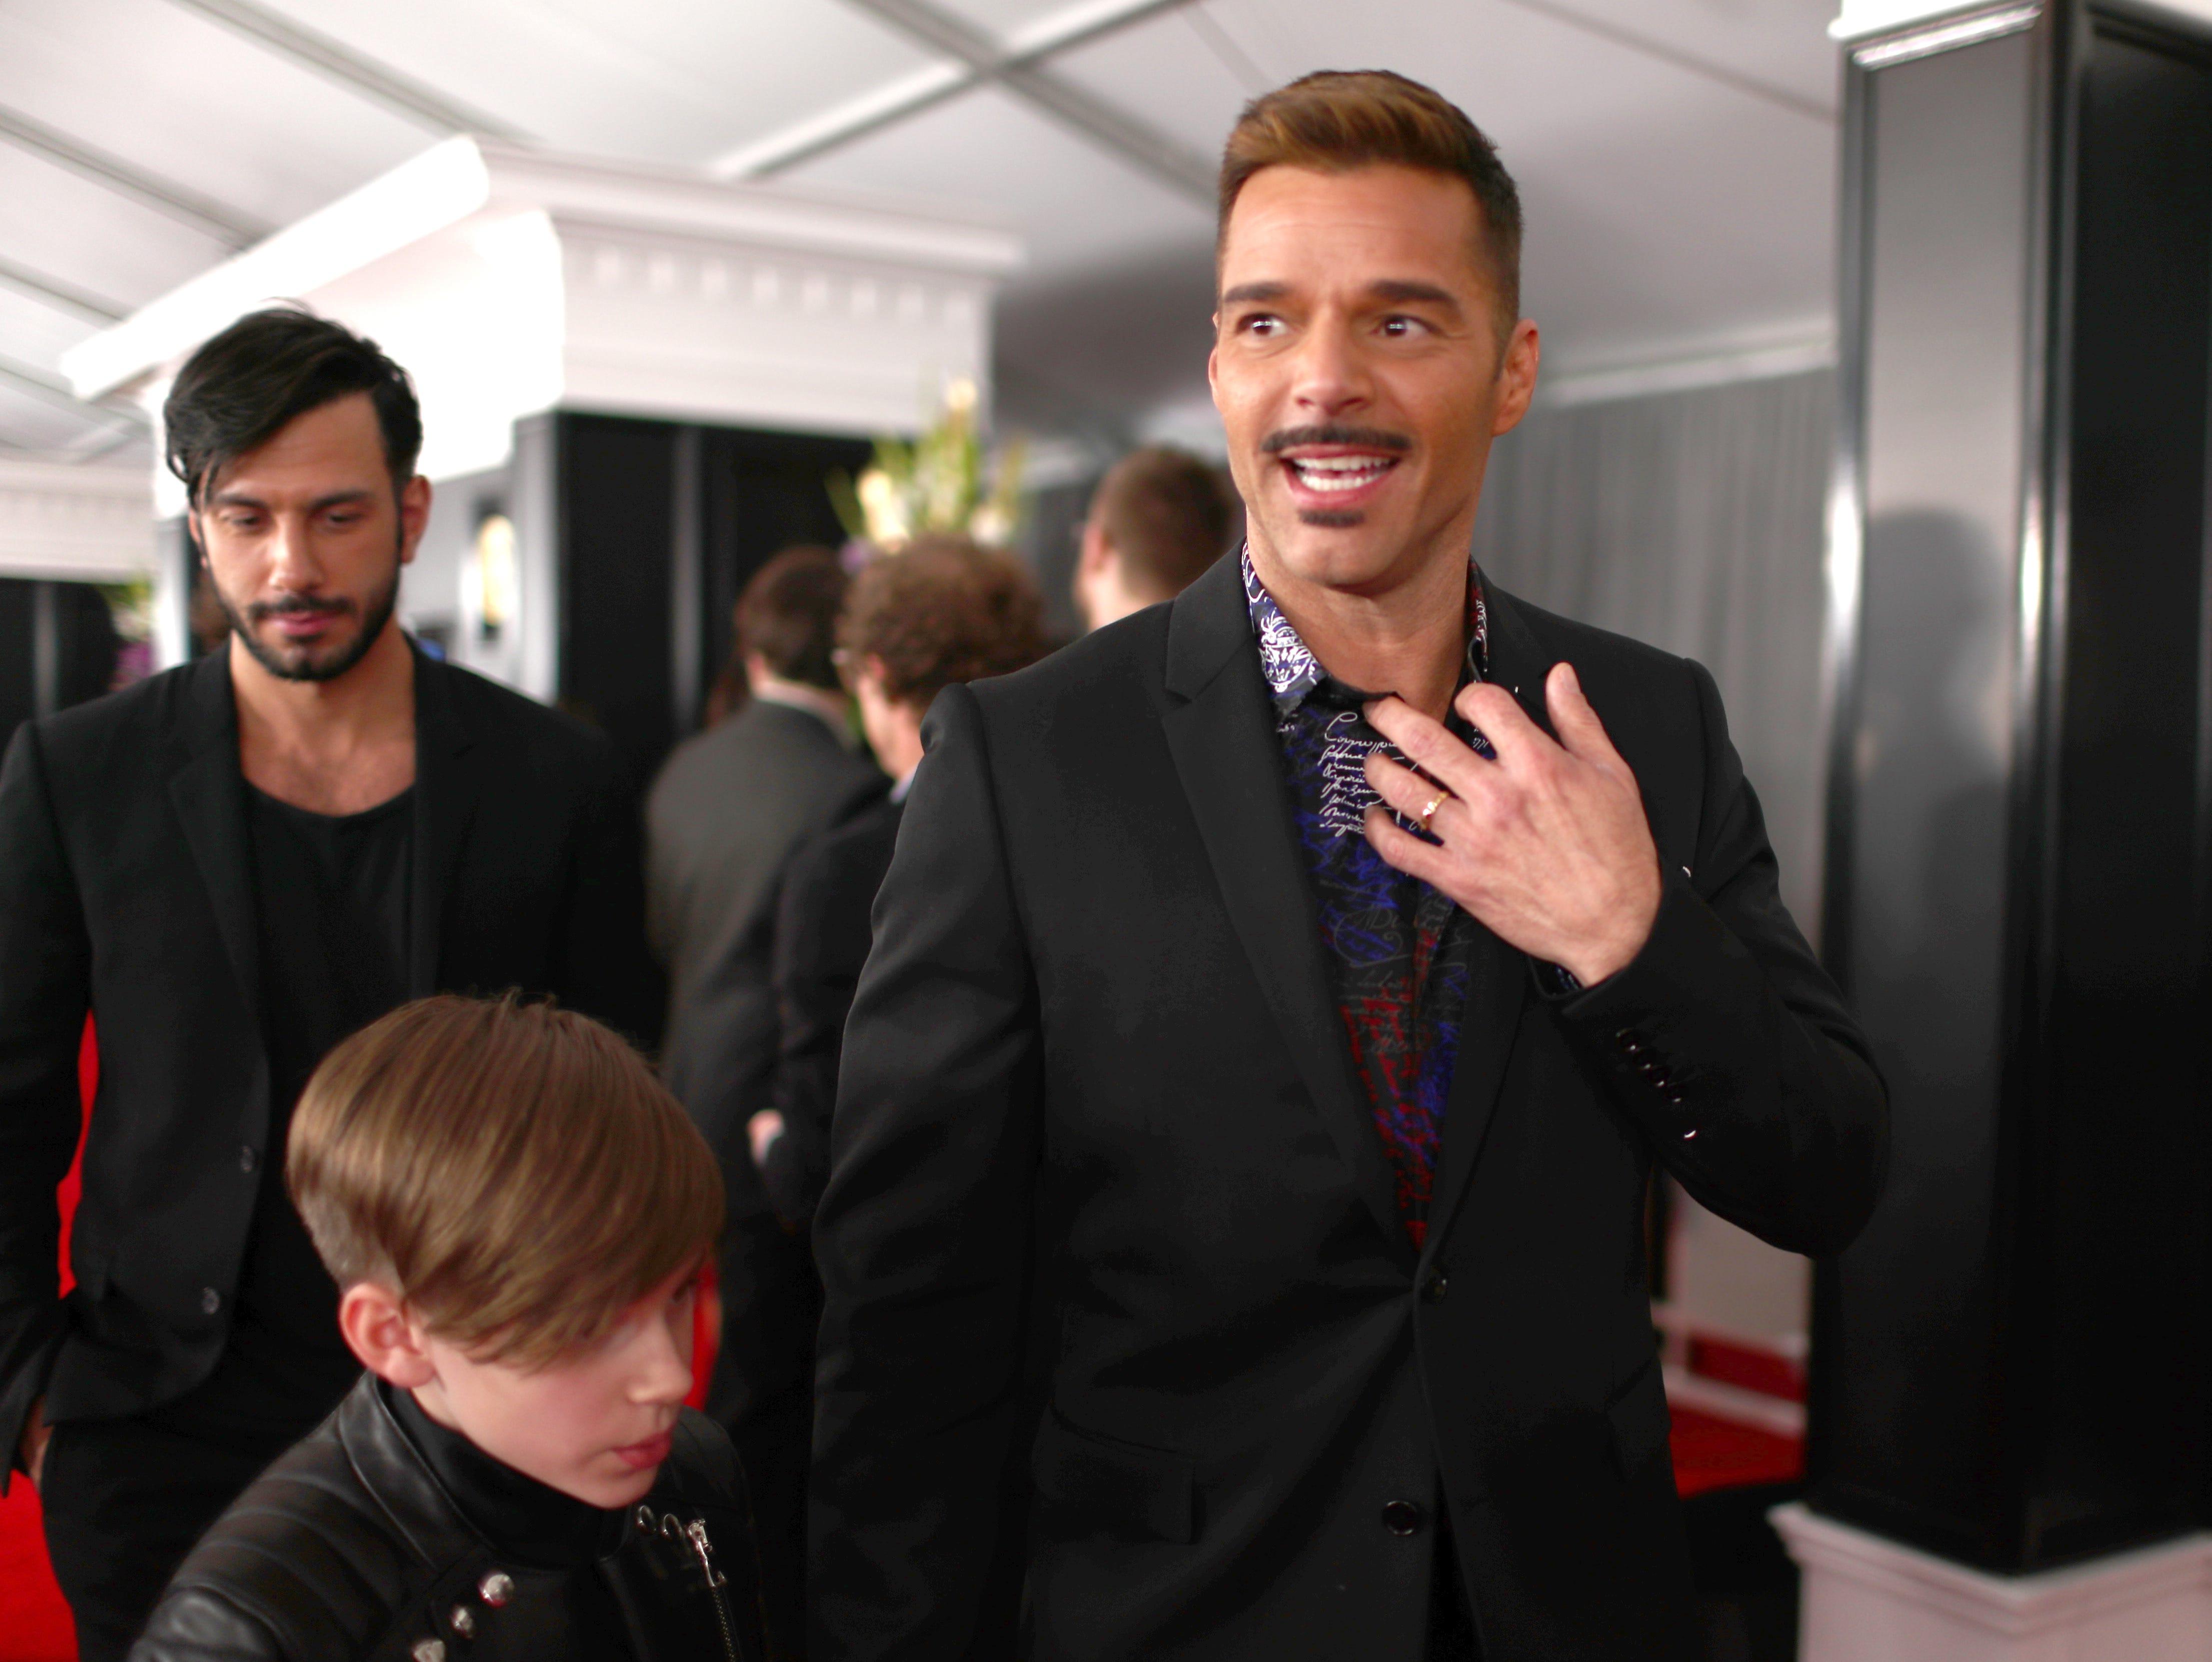 Ricky Martin asiste a la 61ª edición de los premios GRAMMY en el Staples Center el 10 de febrero de 2019 en Los Ángeles, California.